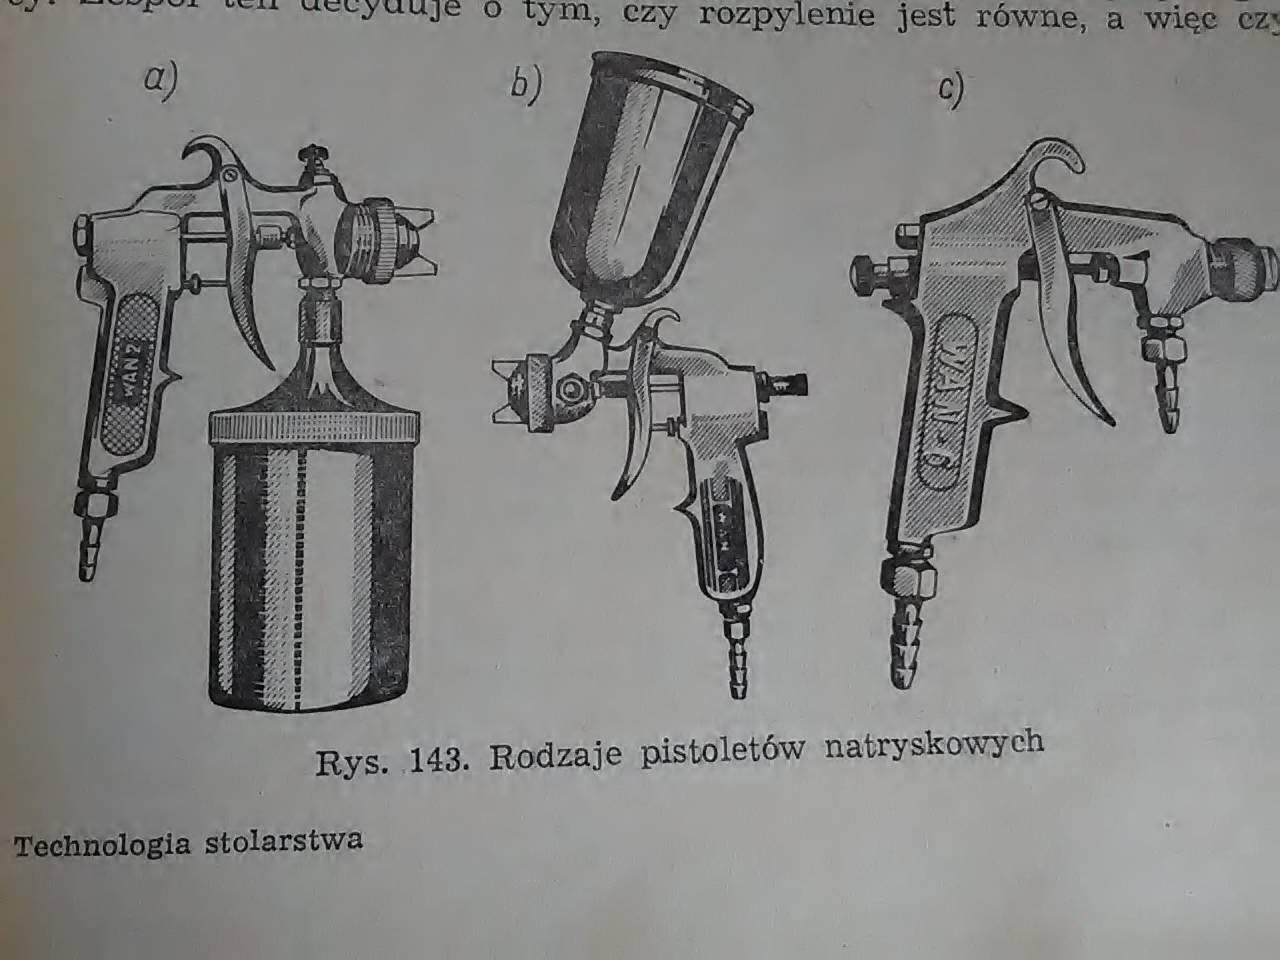 Rodzaje pistoletów natryskowych